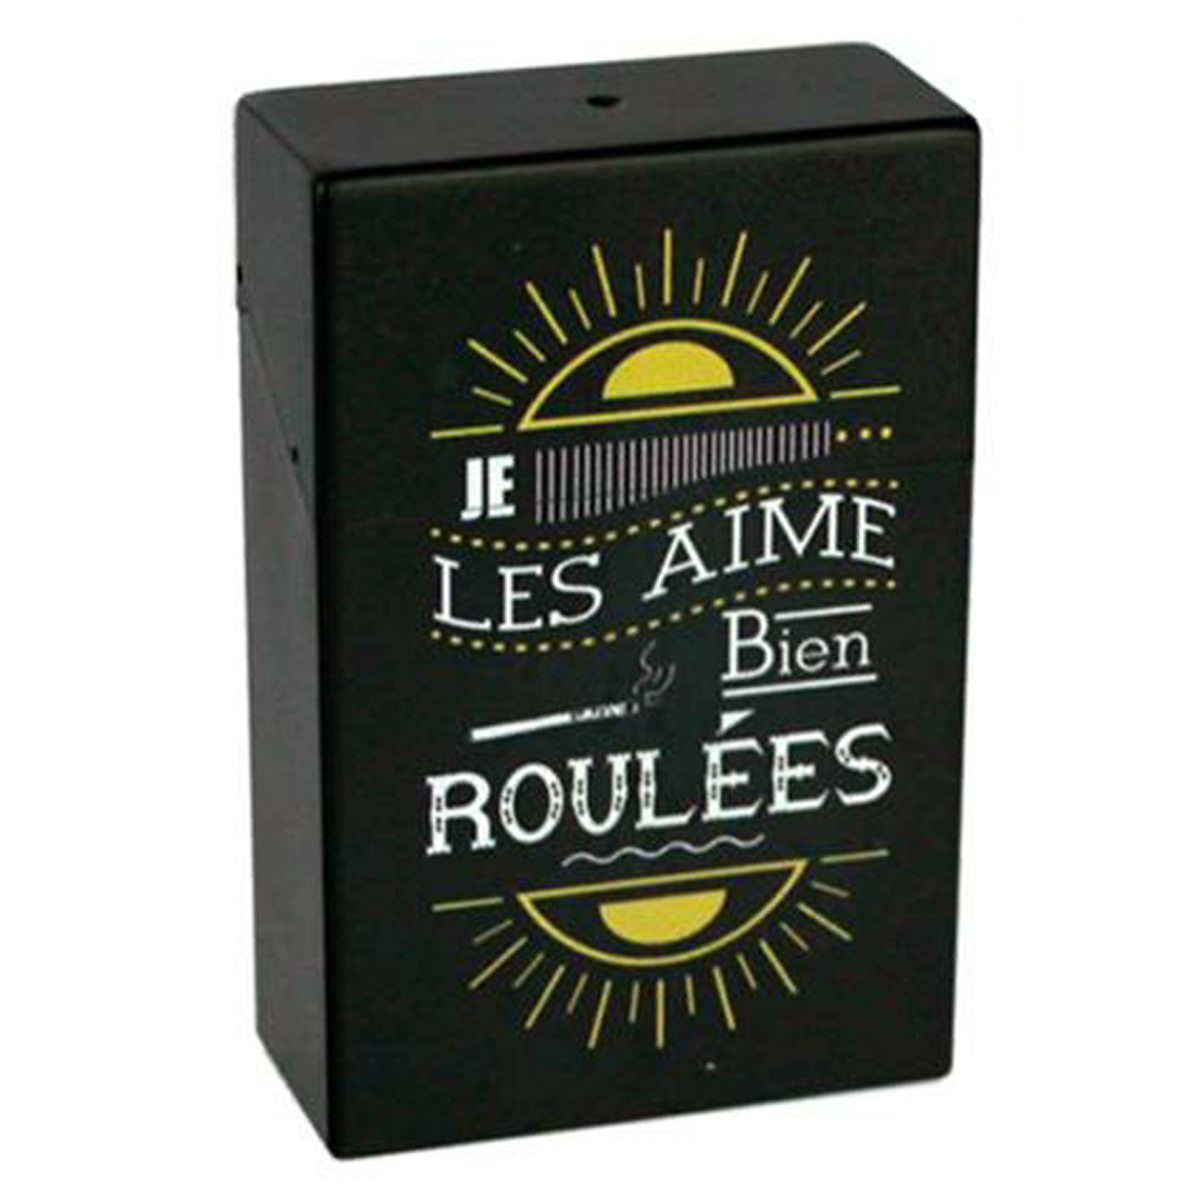 Etui à paquet de cigarettes \'Messages\' noir (Je les aime bien roulées) - 95x60x28 mm - [Q6719]